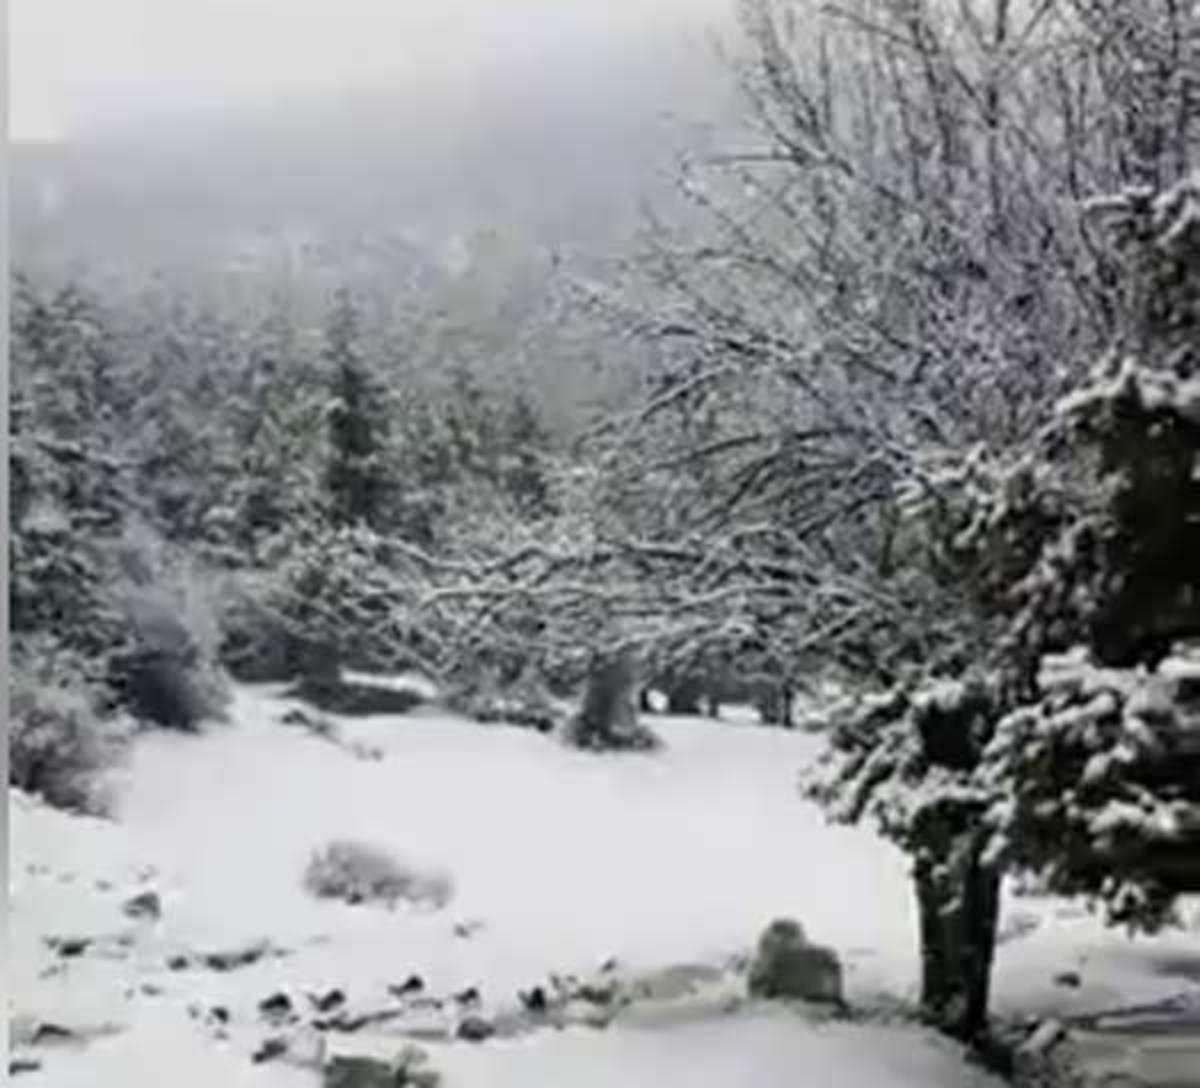 Καιρός: Το πρώτο χιόνι της χρονιάς στην Πάρνηθα! – Που χιονίζει σήμερα | Newsit.gr